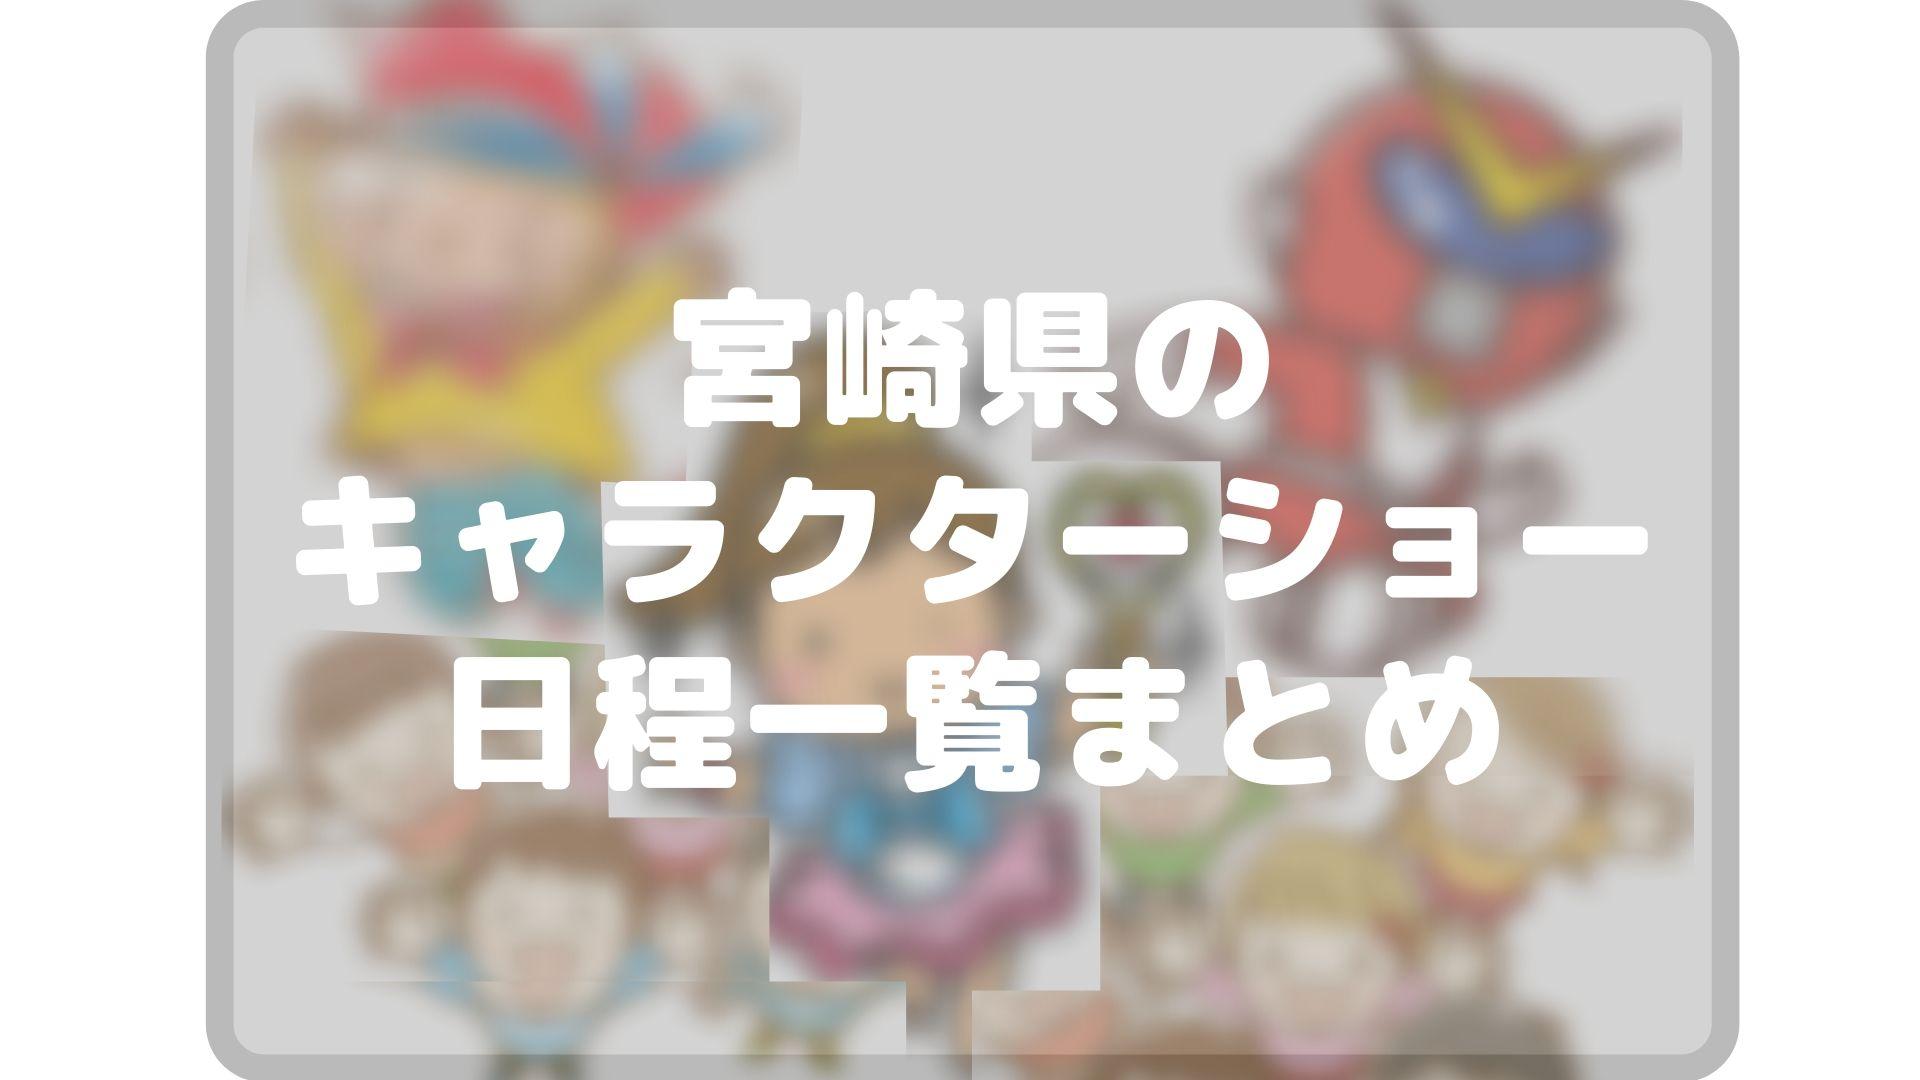 宮崎県のキャラクターショーまとめタイトル画像